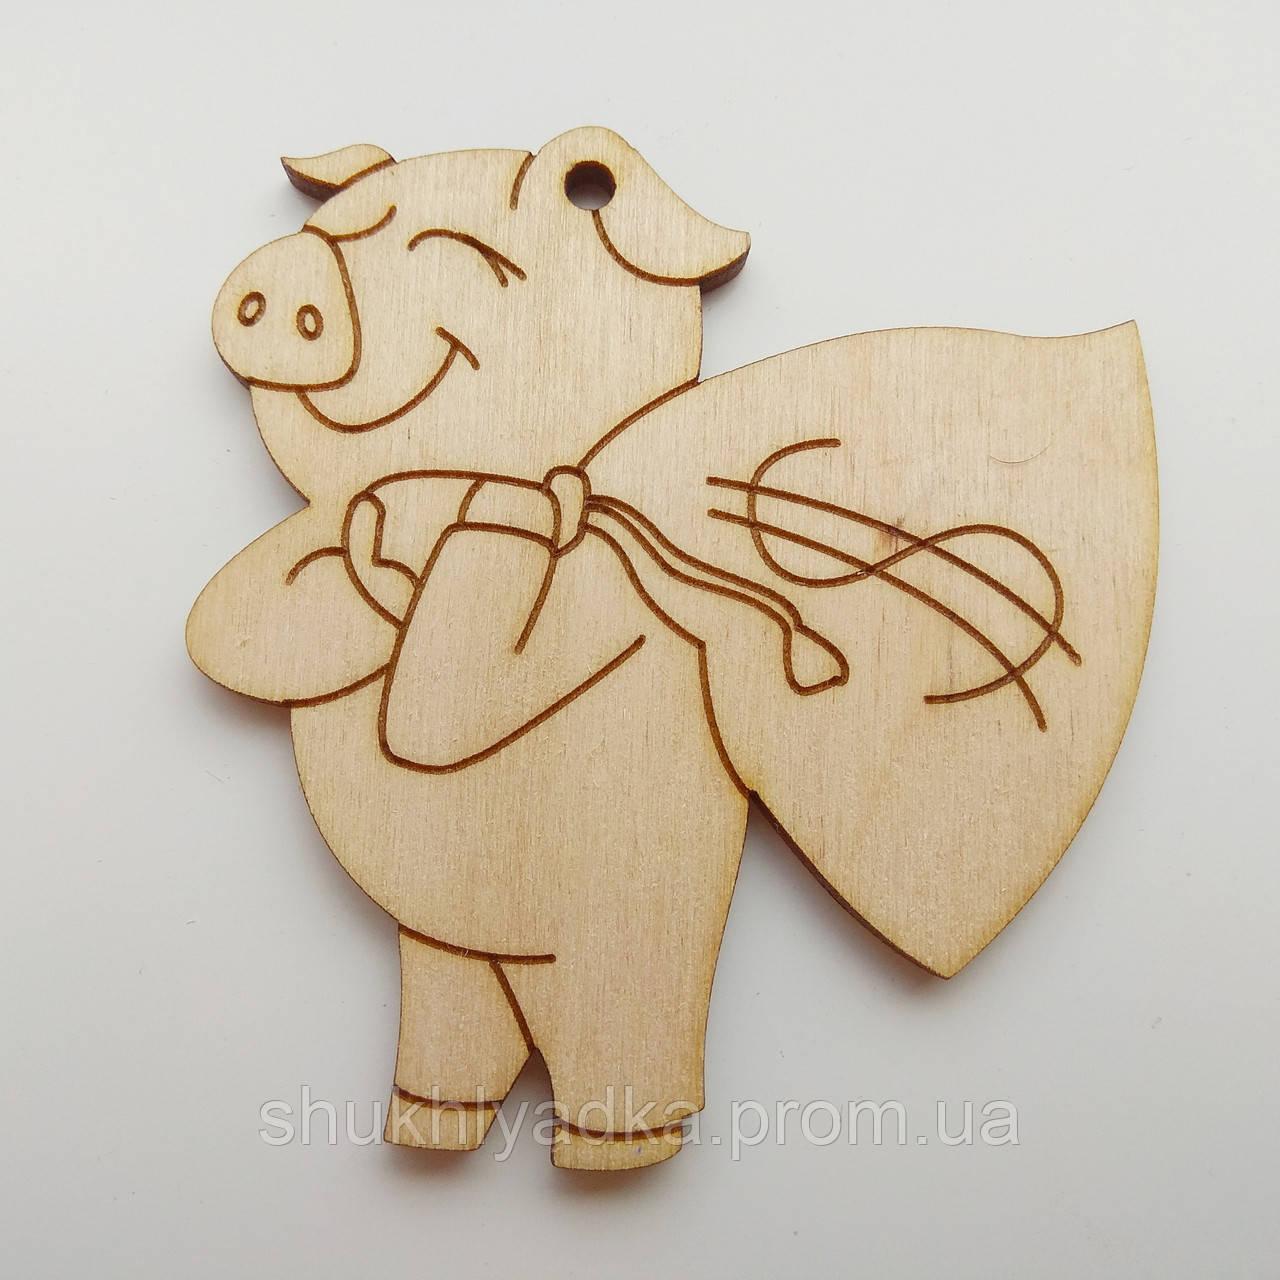 Новогодняя деревянная елочная игрушка Свинка с мешком_деревянная заготовка_Новый год